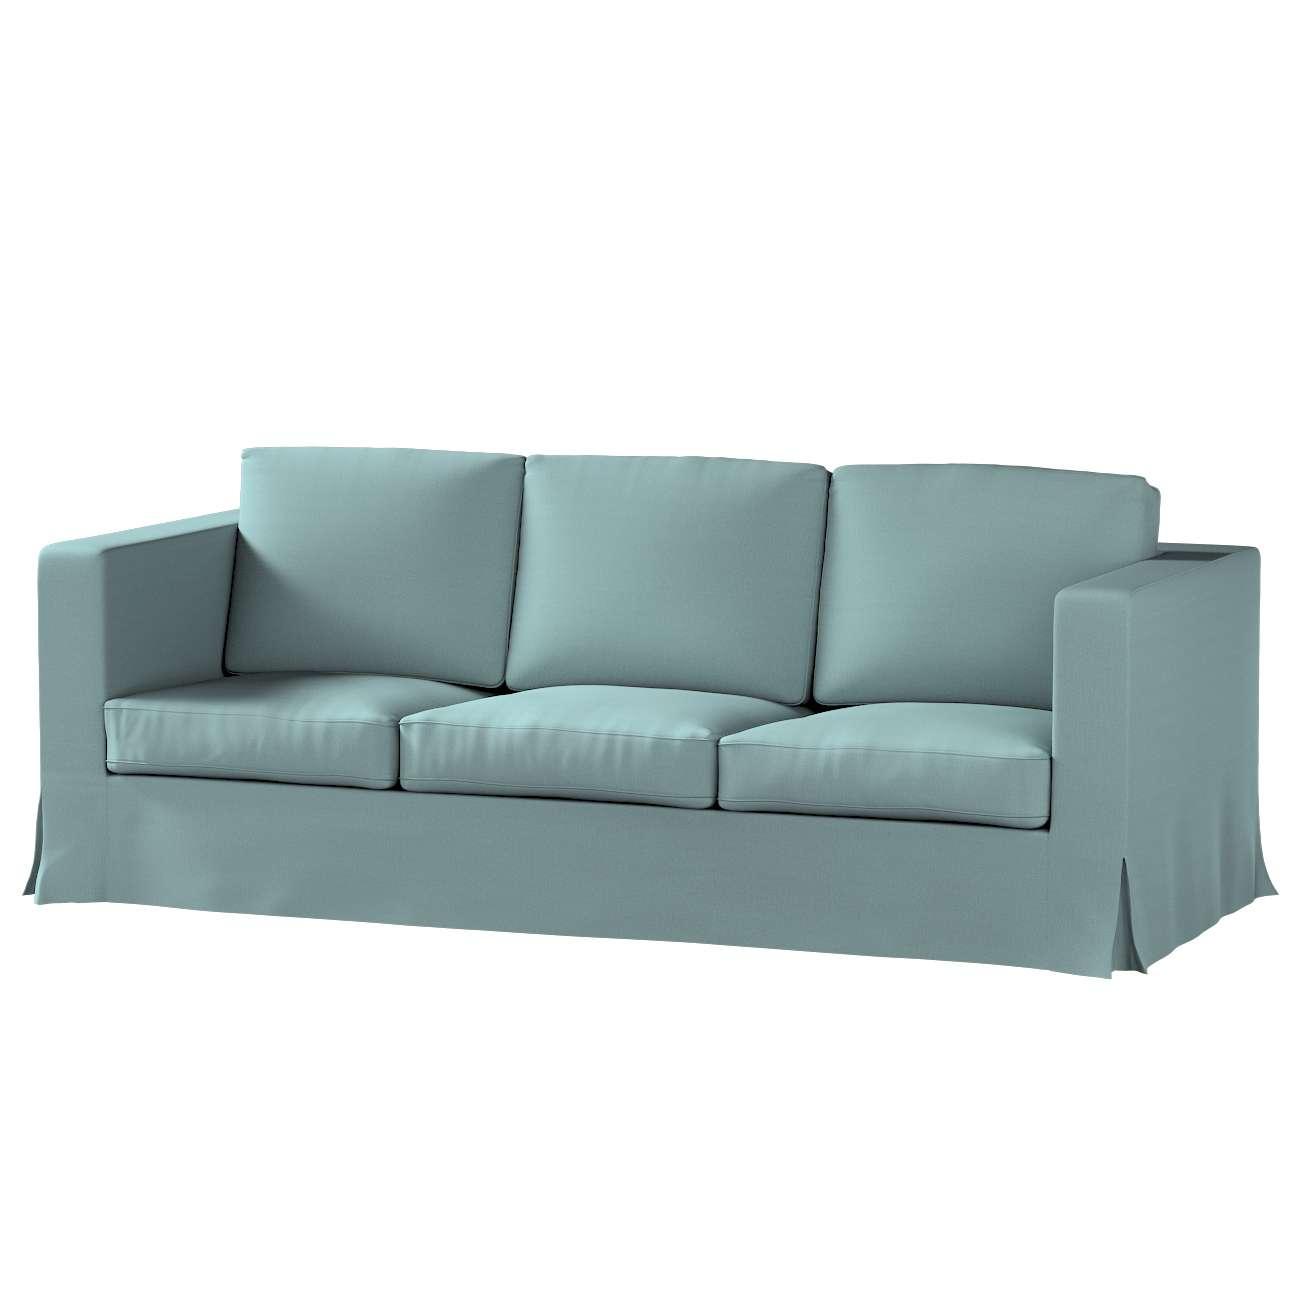 Bezug für Karlanda 3-Sitzer Sofa nicht ausklappbar, lang von der Kollektion Cotton Panama, Stoff: 702-40